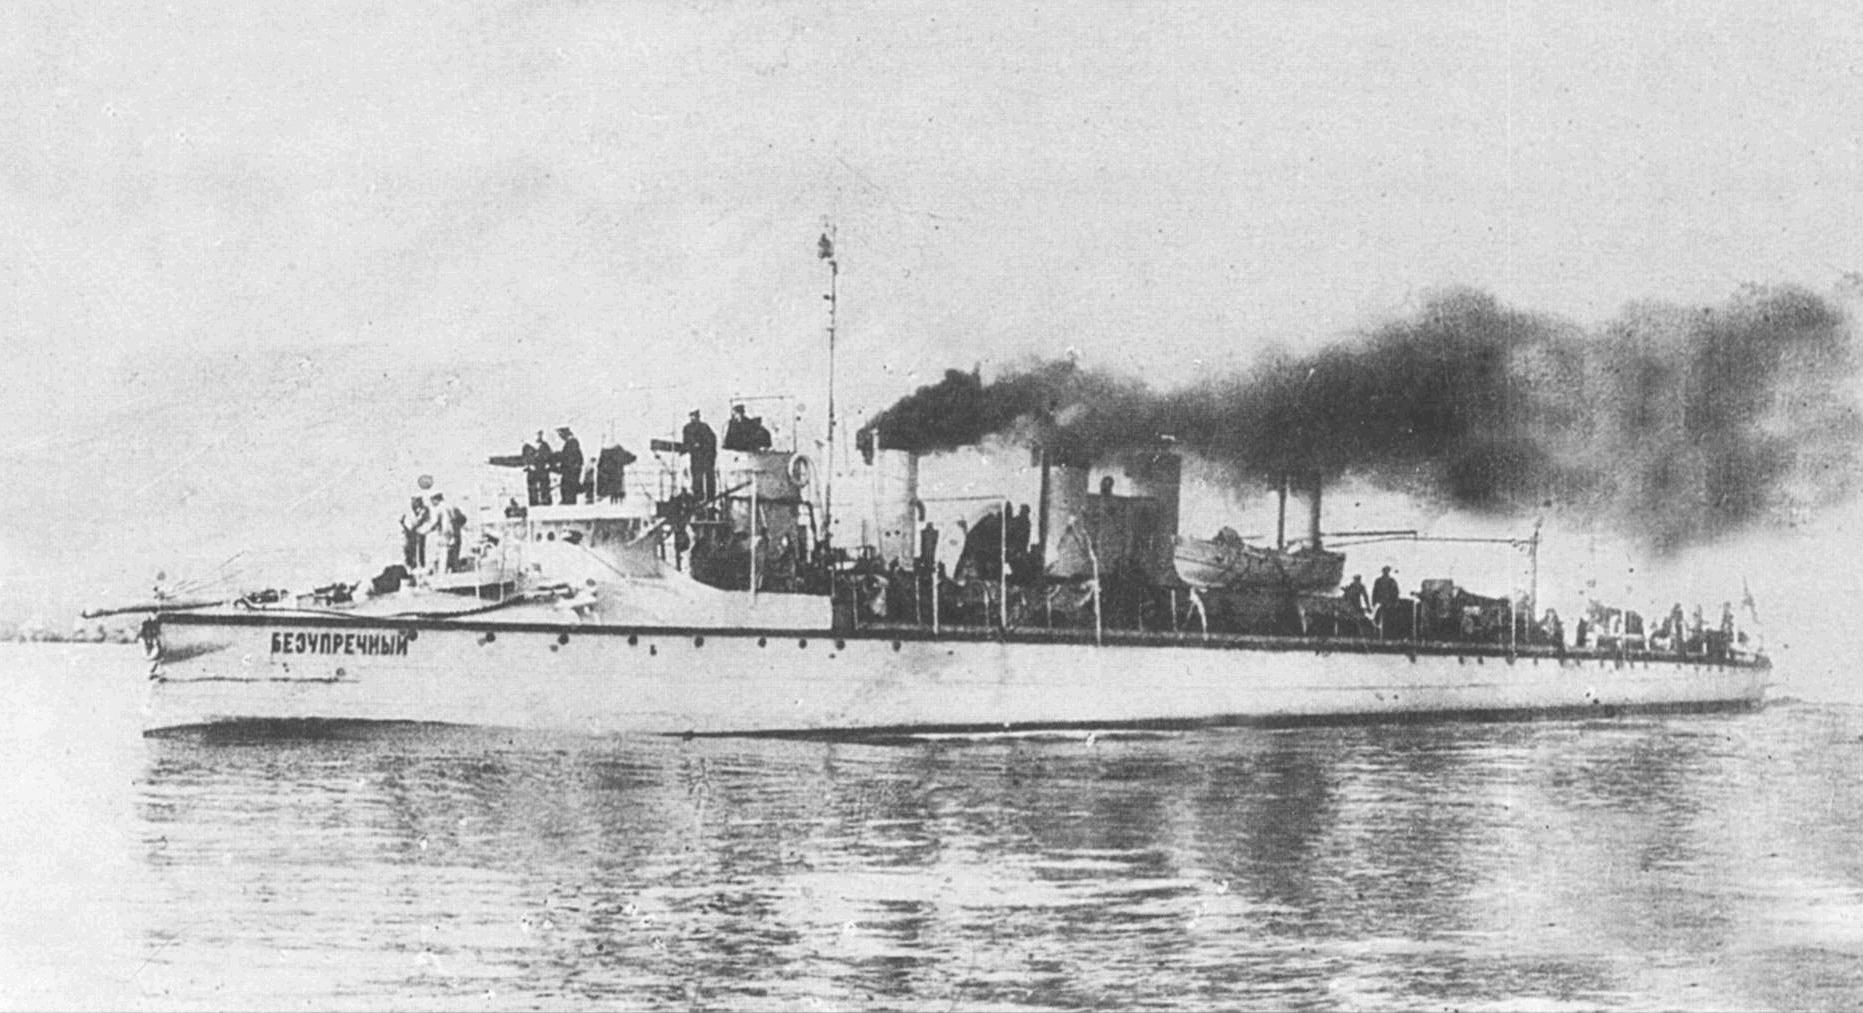 Корабль-миноносец Безупречный